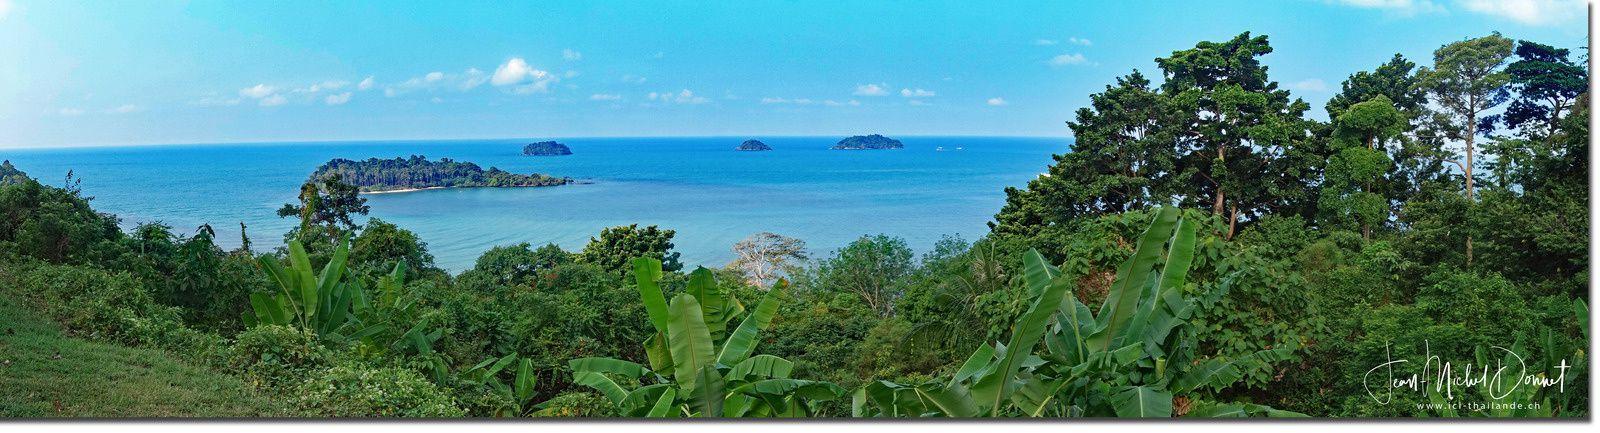 Le long des plages de Koh Chang (Thaïlande)